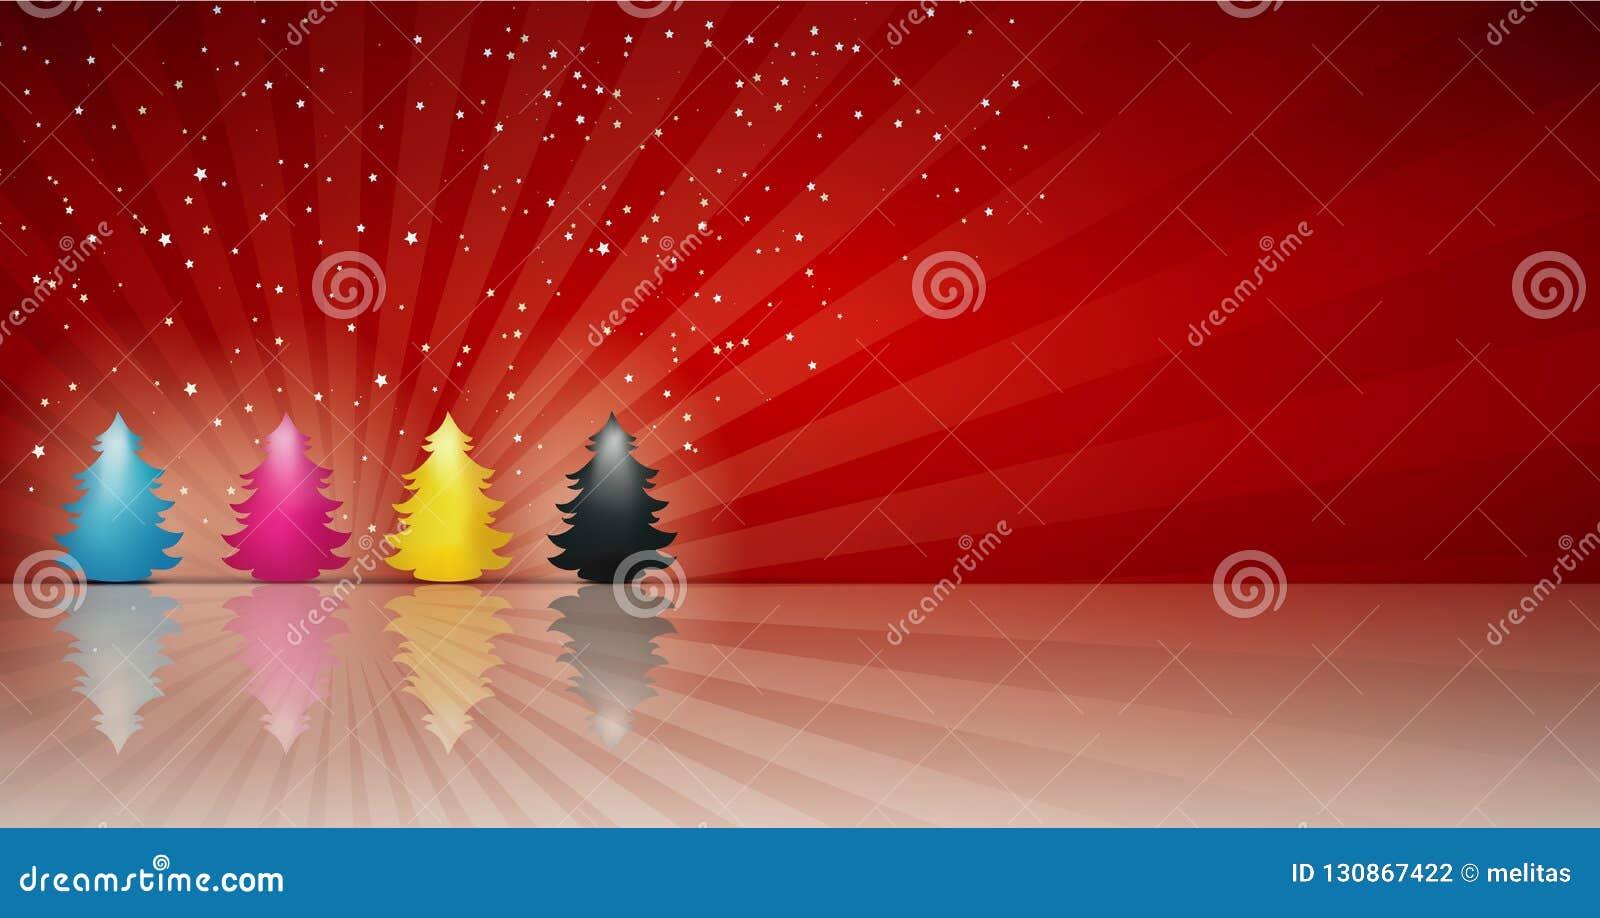 Concepten cmyk Kerstboom in cyaan magenta gele zwarte Vrolijke Kerstmis Rode achtergrond